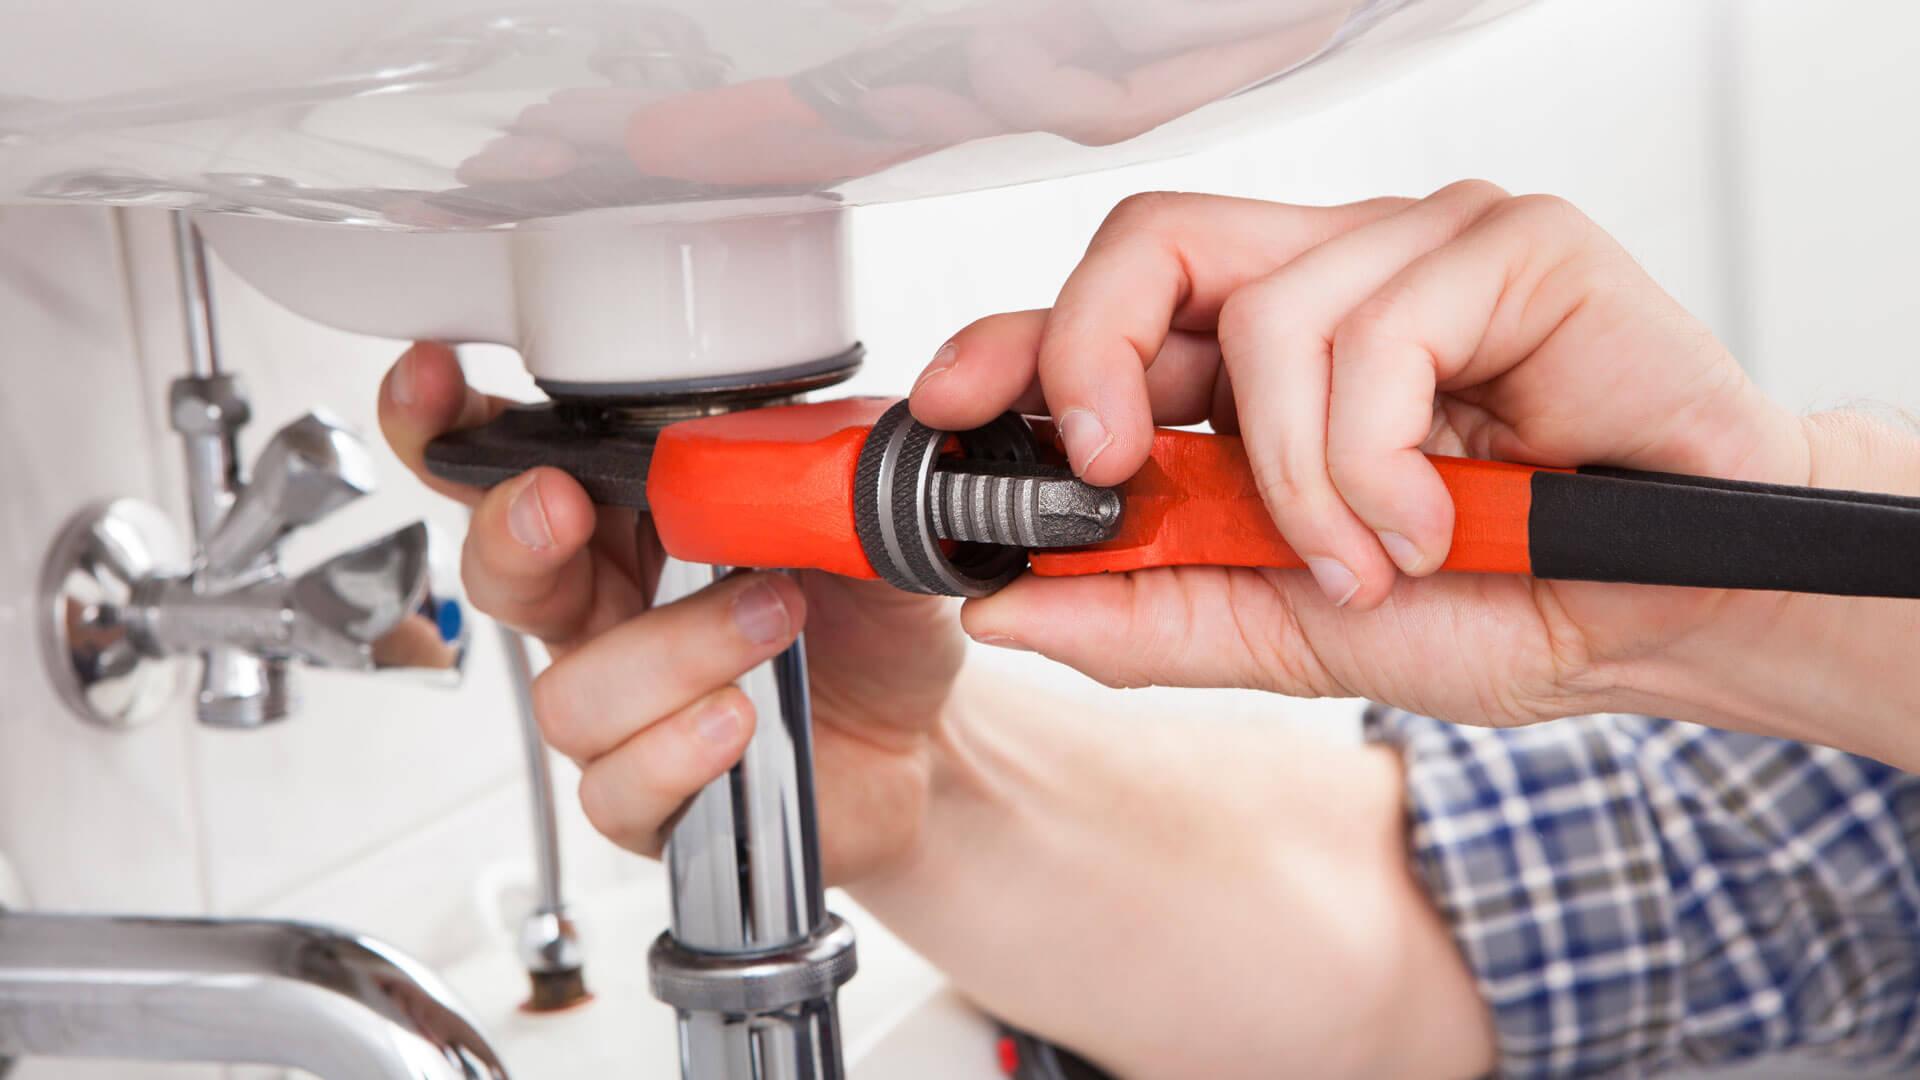 Hausmeister repariert kaputtes Waschbecken mit Schraubenschlüssel